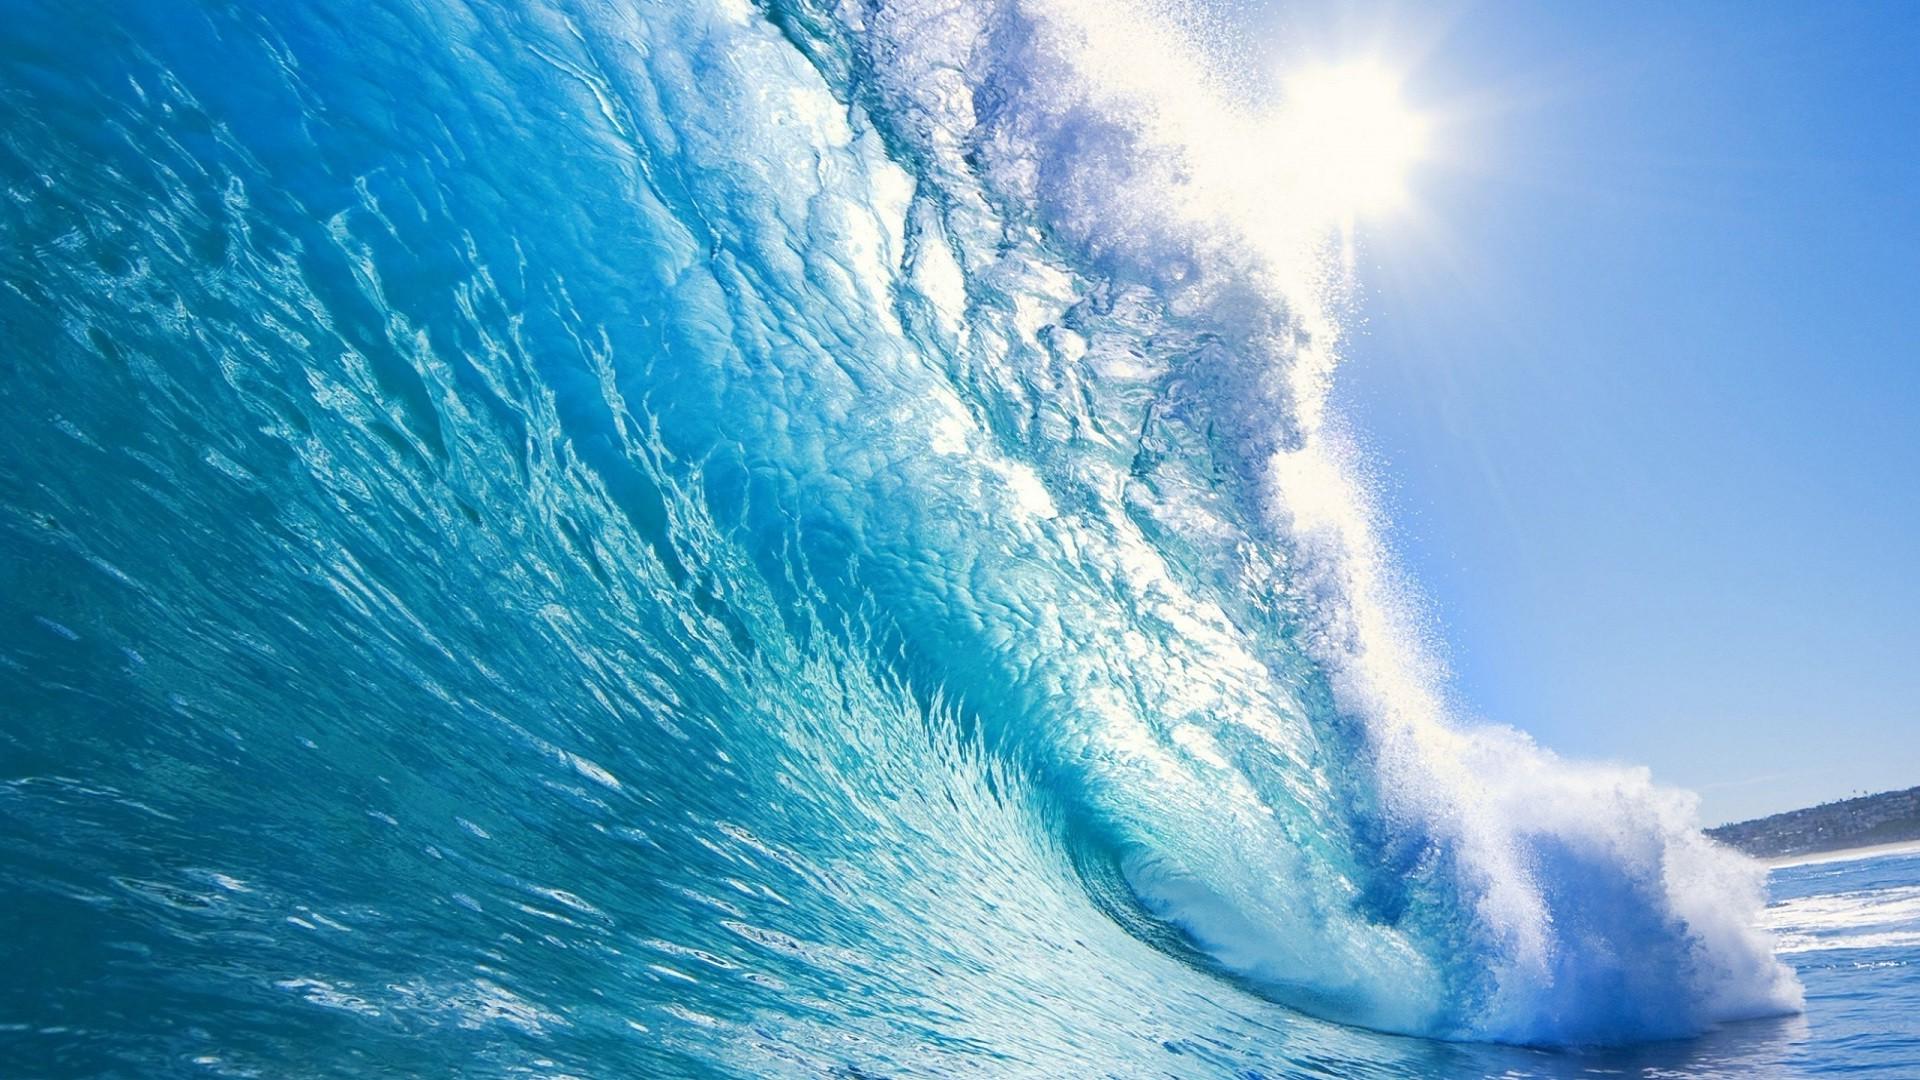 Обои волны. Пейзажи foto 16